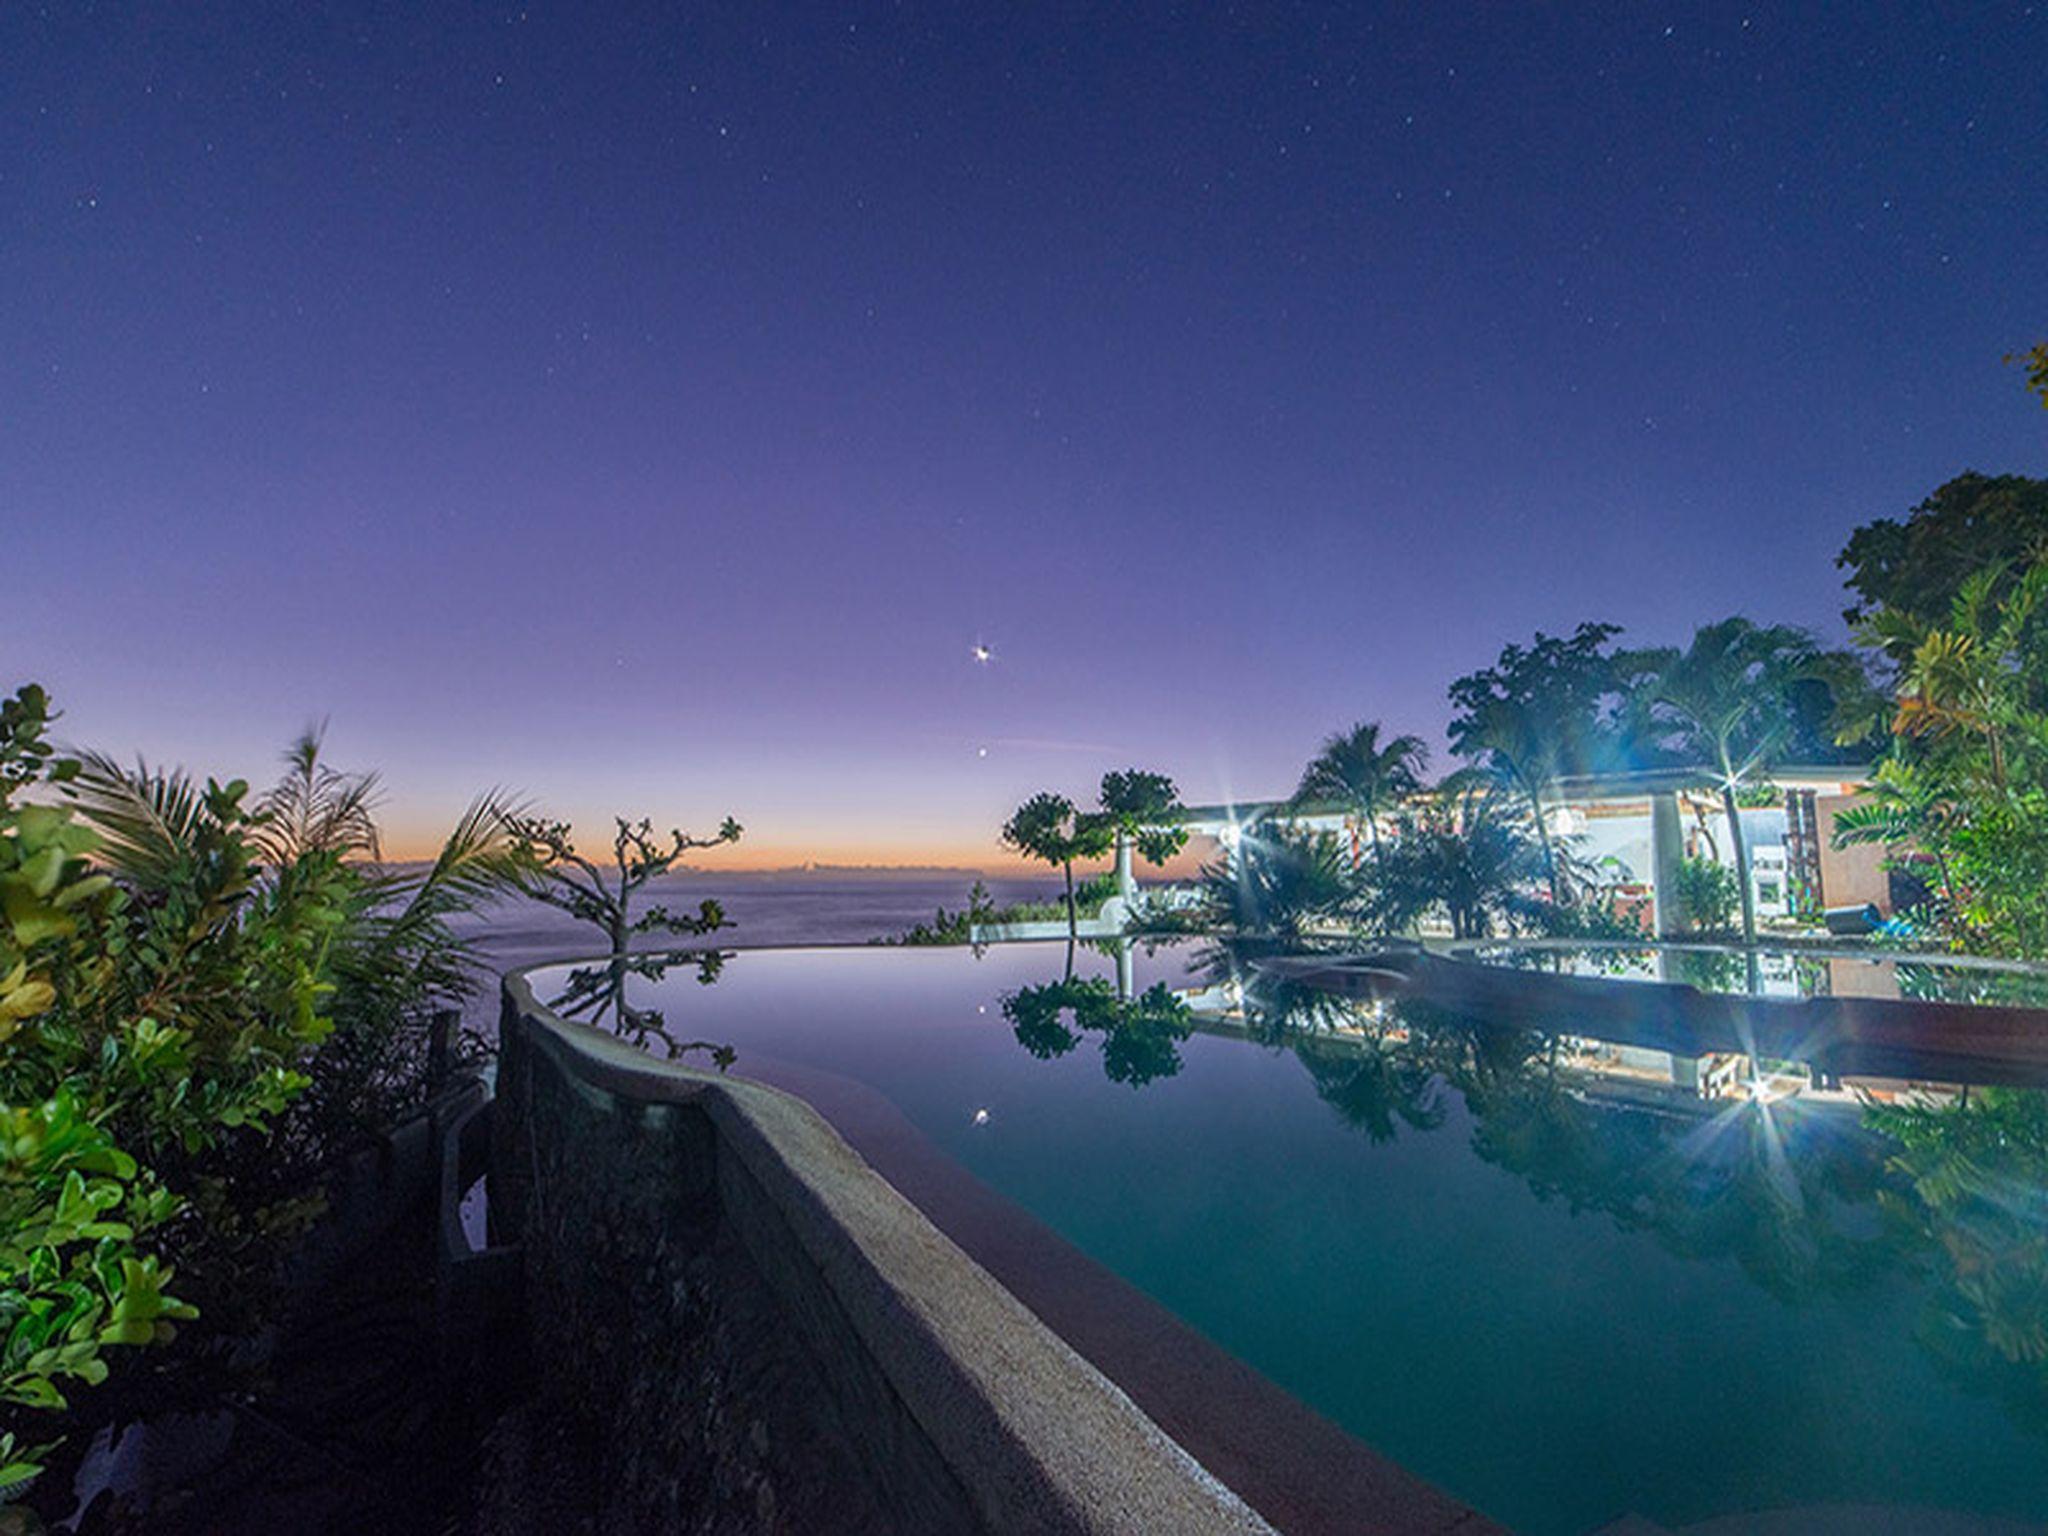 Bunzies Cove Resort